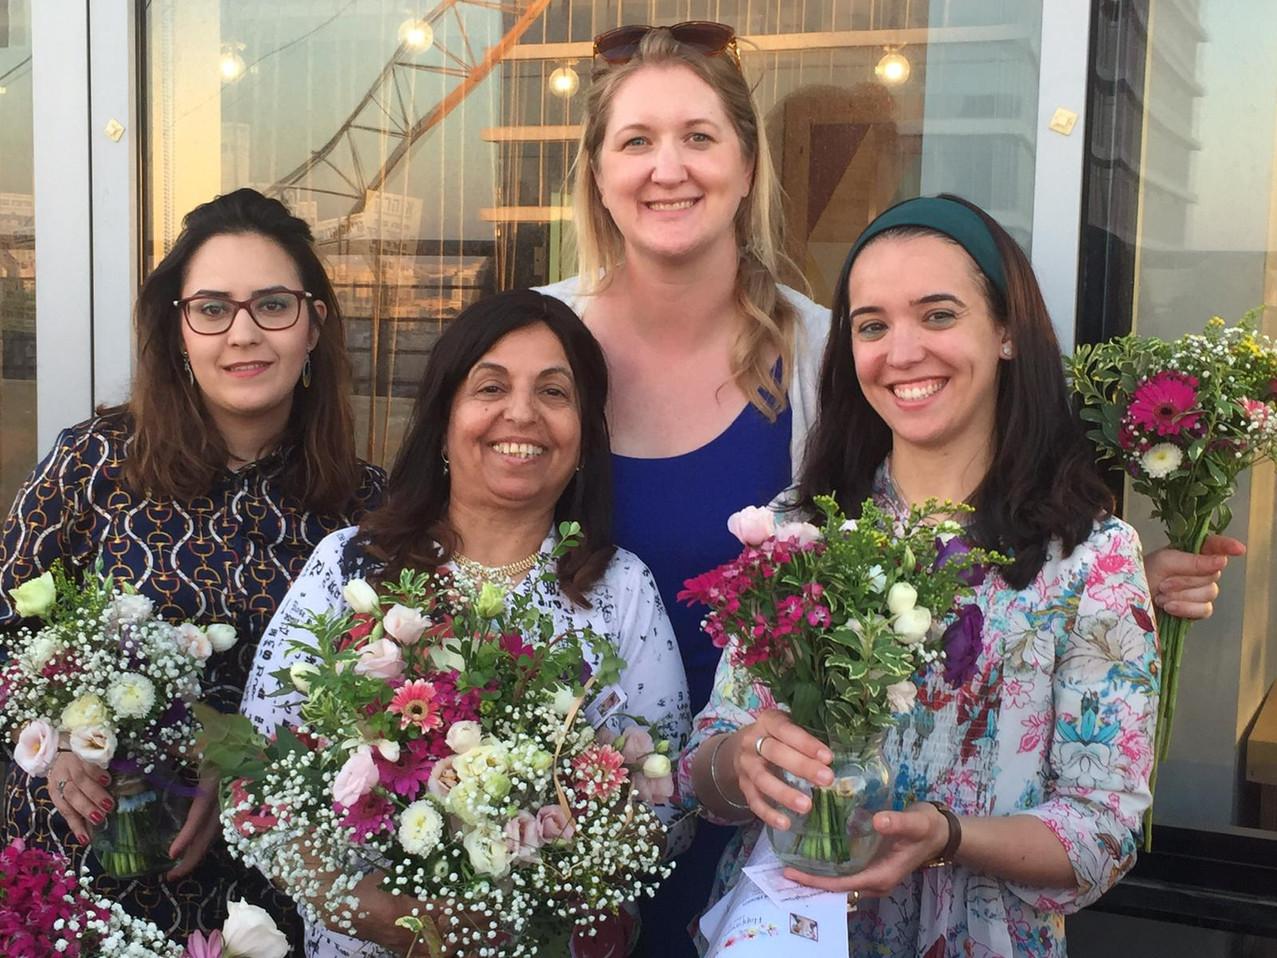 With Haredi women